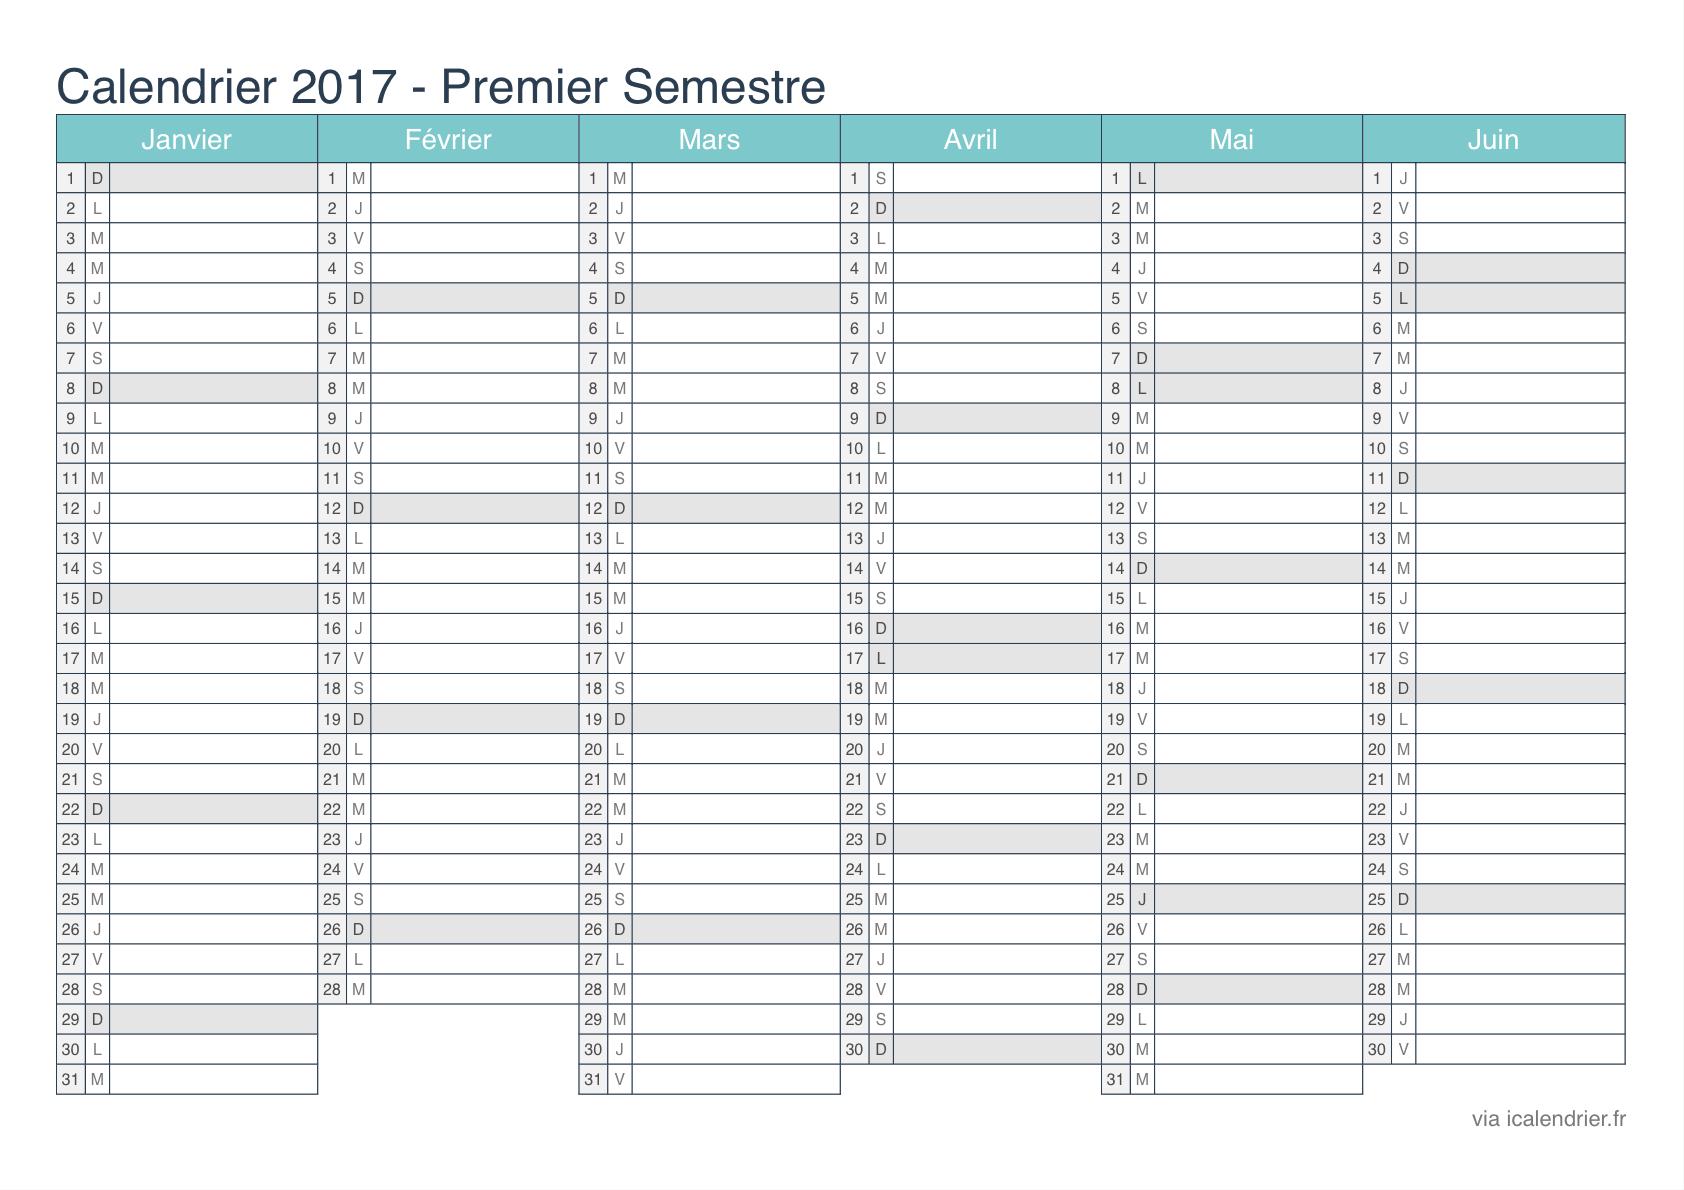 Calendrier 2017 À Imprimer Pdf Et Excel - Icalendrier tout Imprimer Un Calendrier 2017